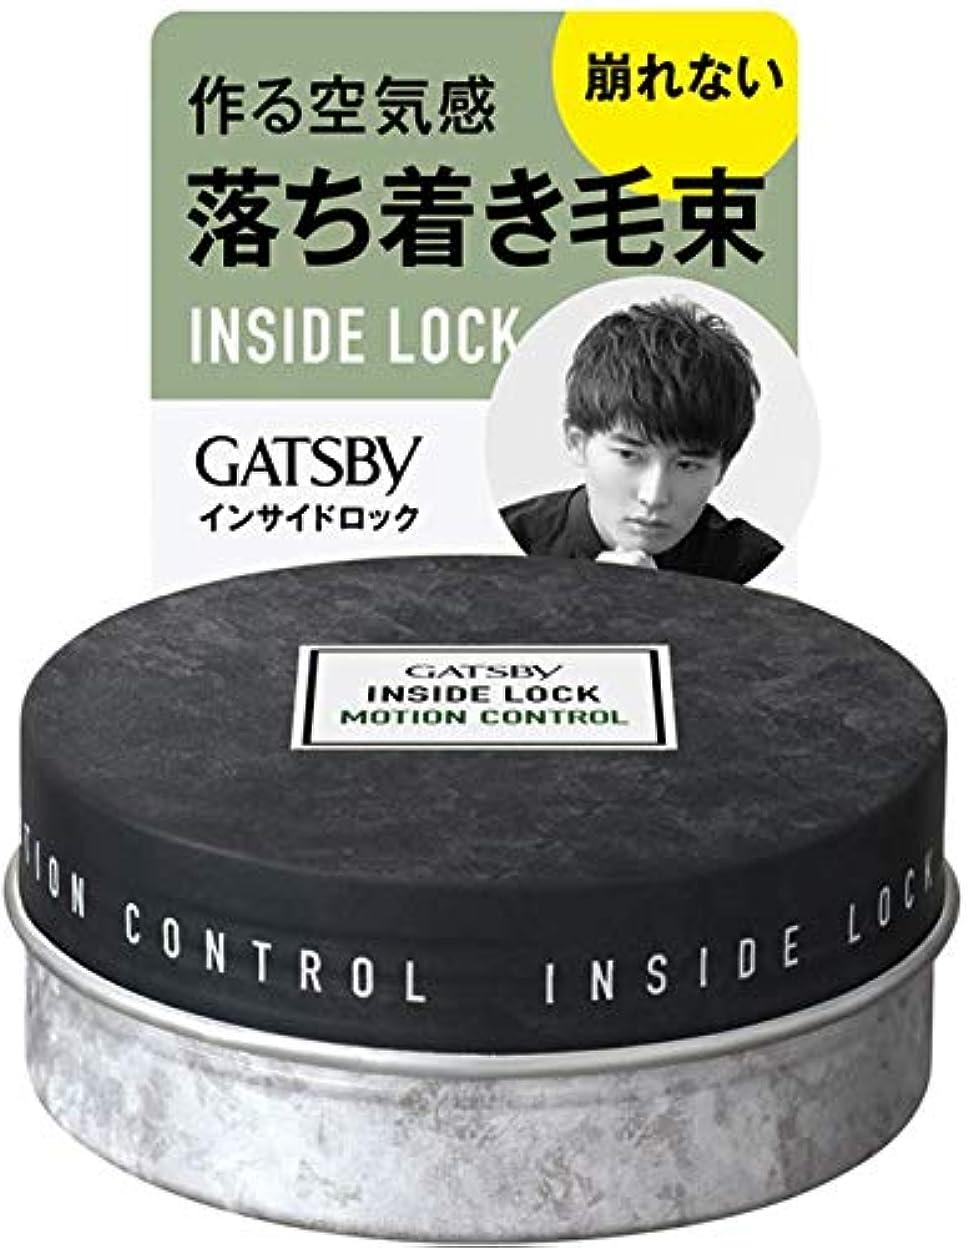 活性化する選択する買うGATSBY(ギャツビー) ギャツビー インサイドロック モーションコントロール ワックス ヘアワックス 75g×6個